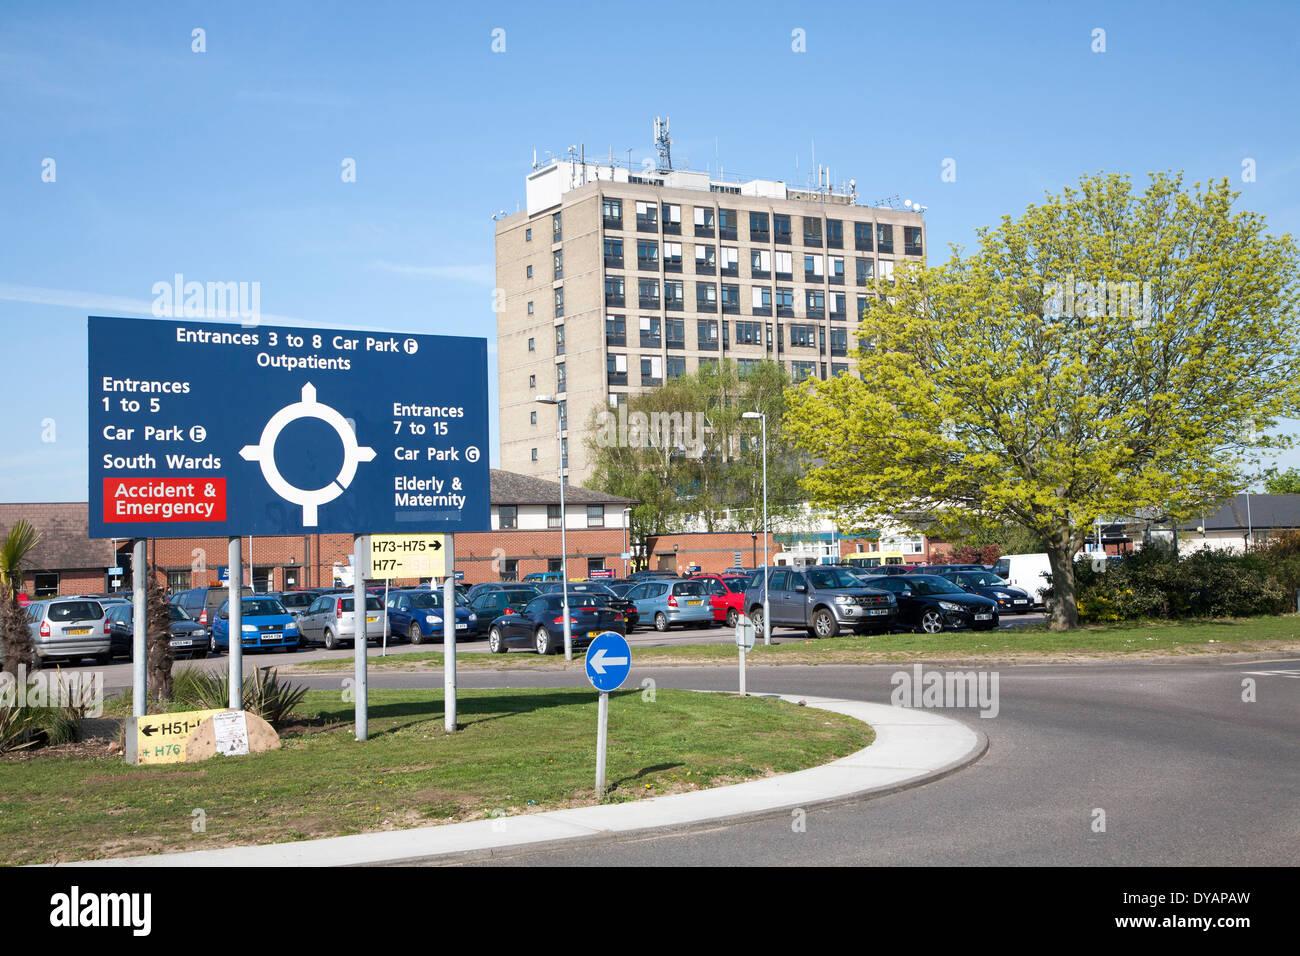 Parking sign et l'unité de maternité de l'Hôpital d'Ipswich, NHS Trust, Ipswich, Suffolk, Angleterre Photo Stock